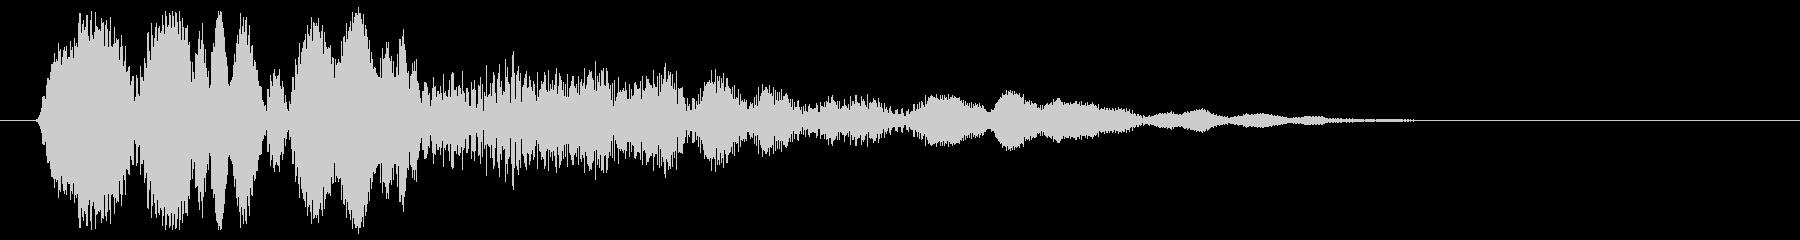 プェ〜ン(ビーム音)の未再生の波形